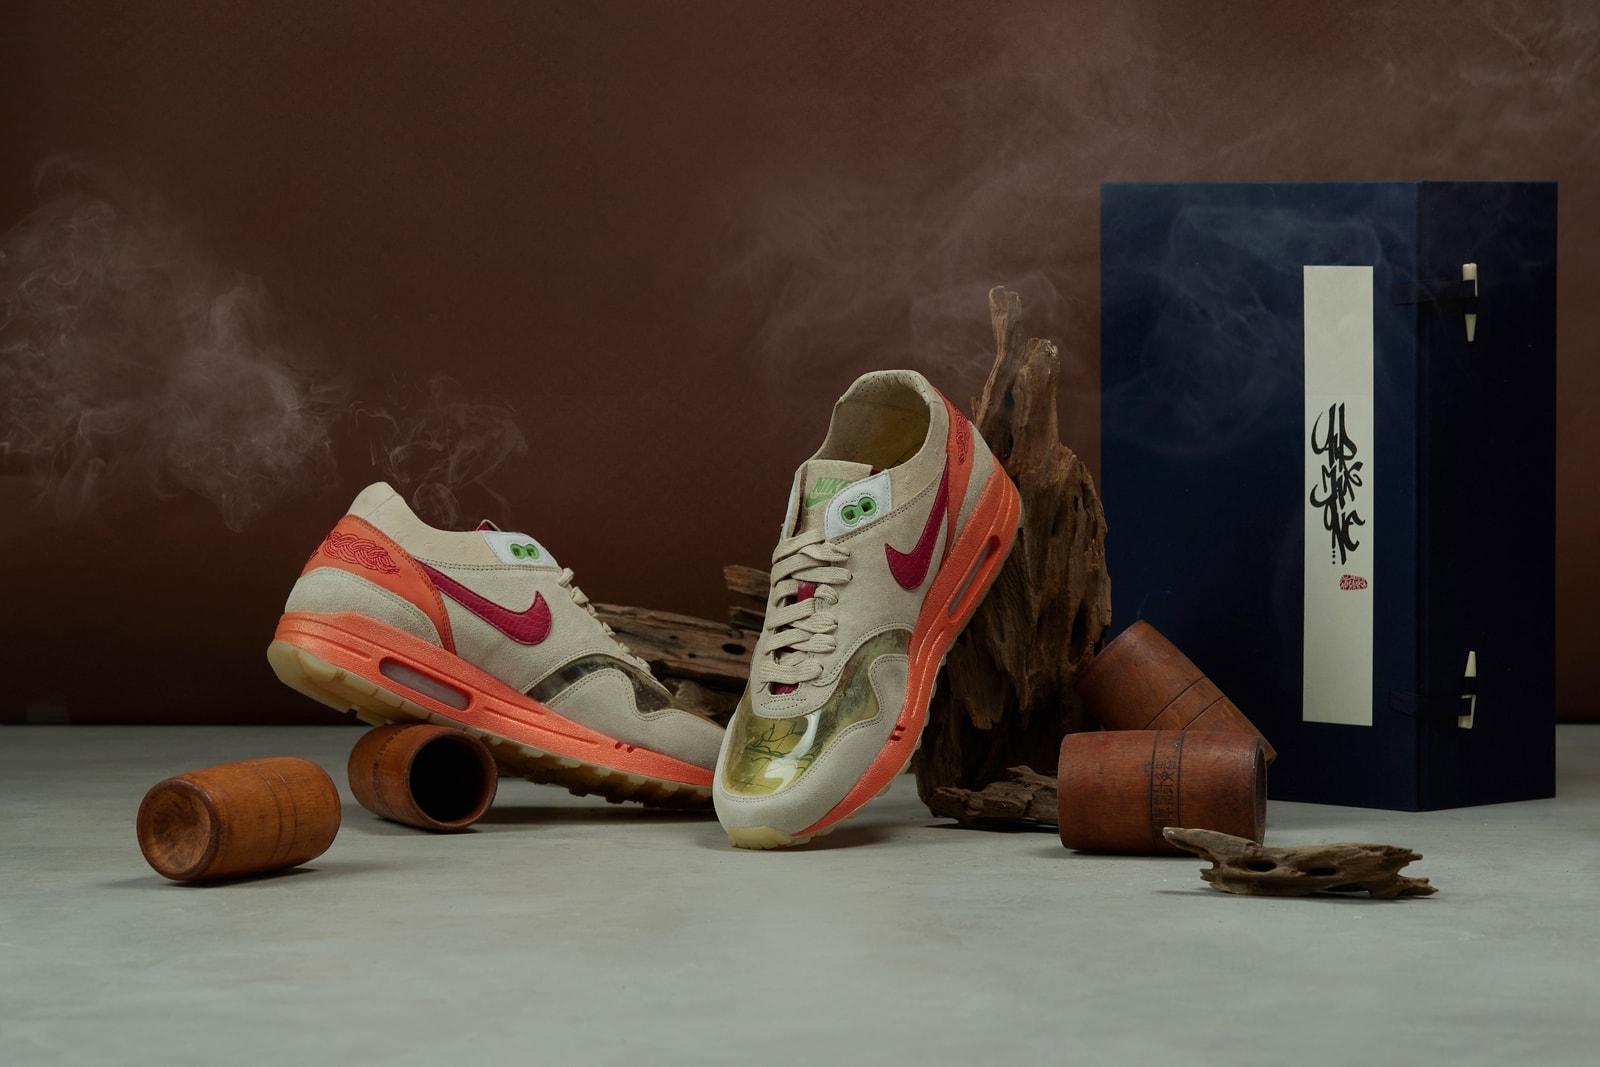 從 7 個角度全面對比四代 CLOT x Nike Air Max 1「Kiss of Death」